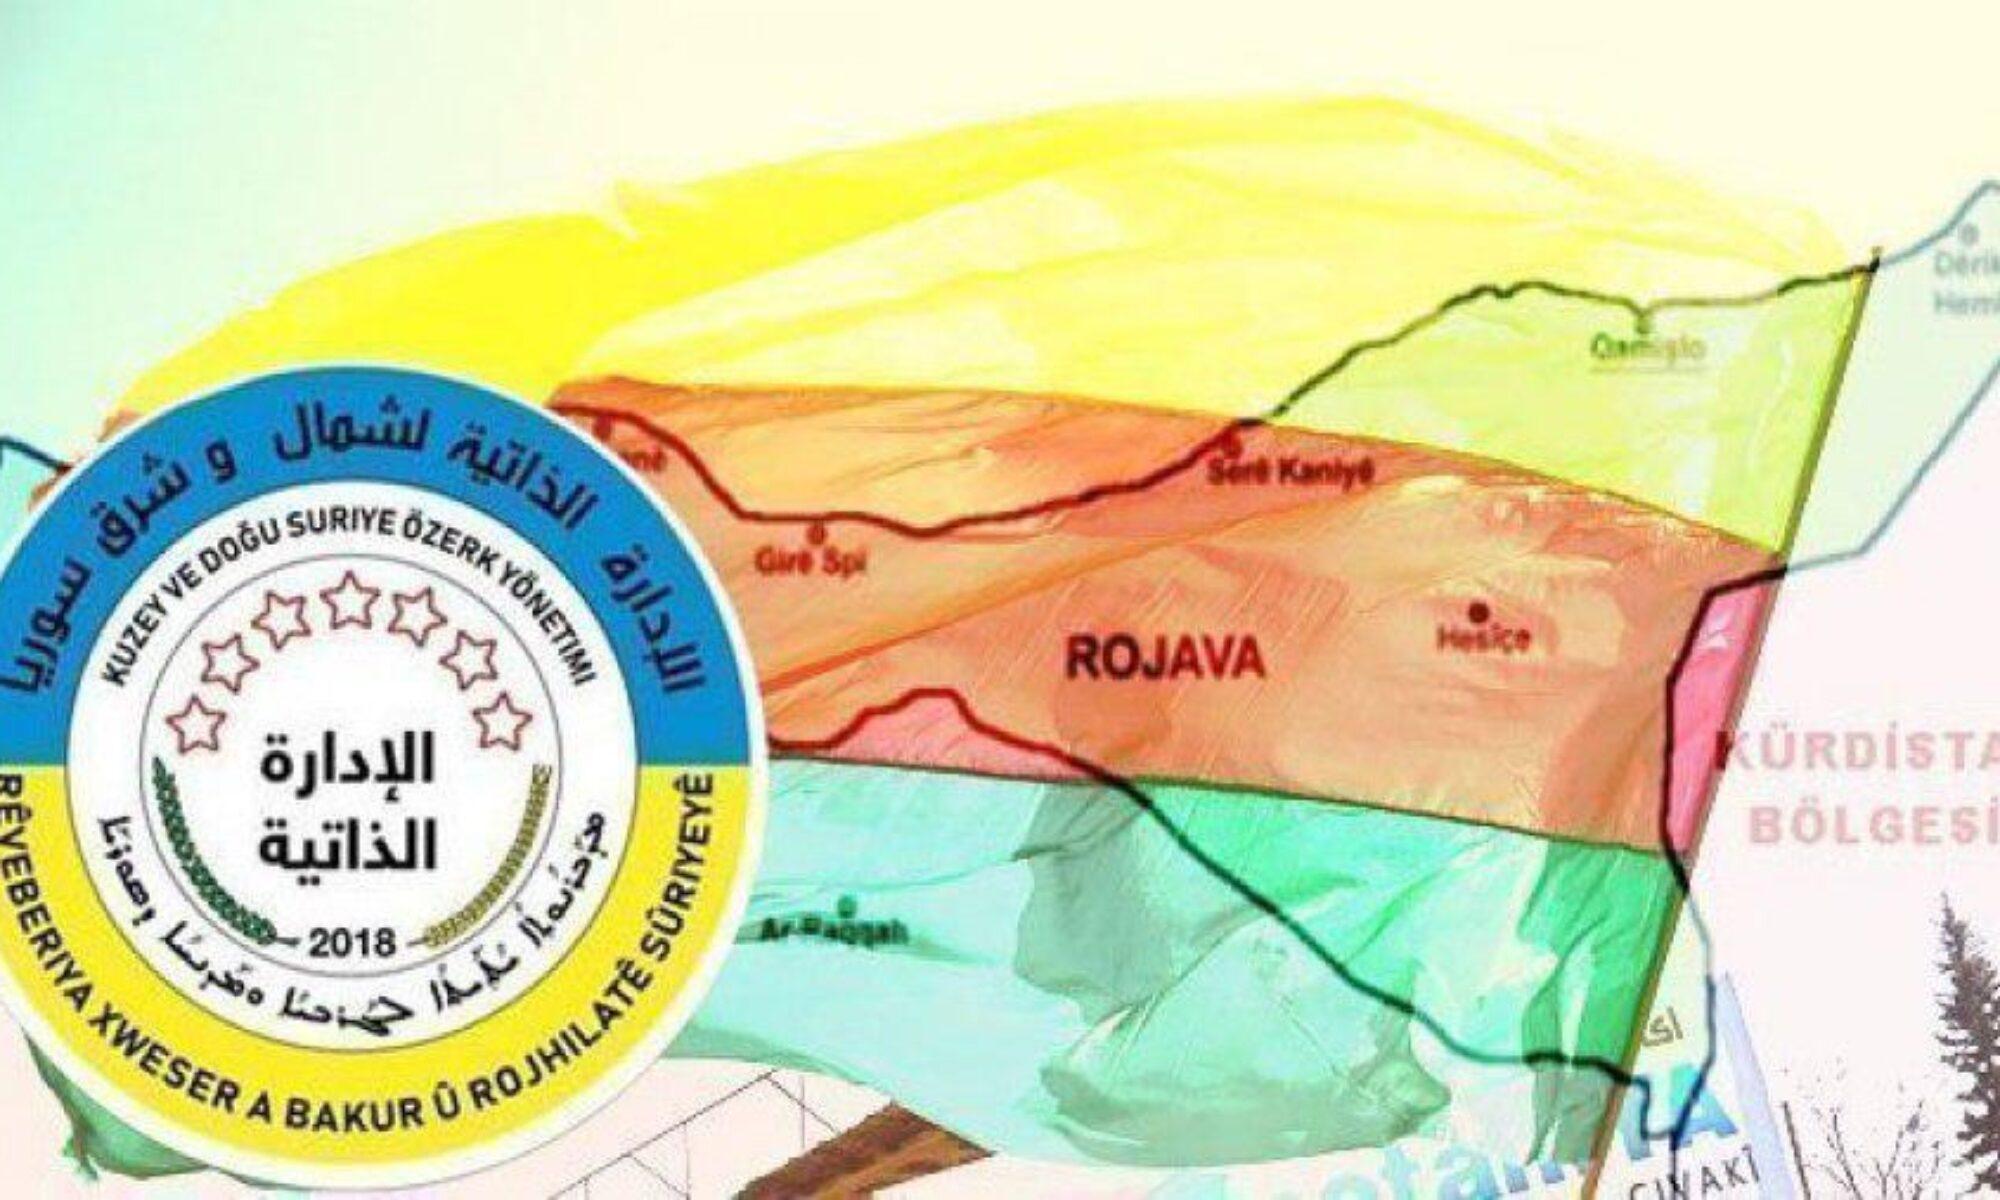 Rojava Özerk Yönetimi Suriye ile sınırlarını kapattı